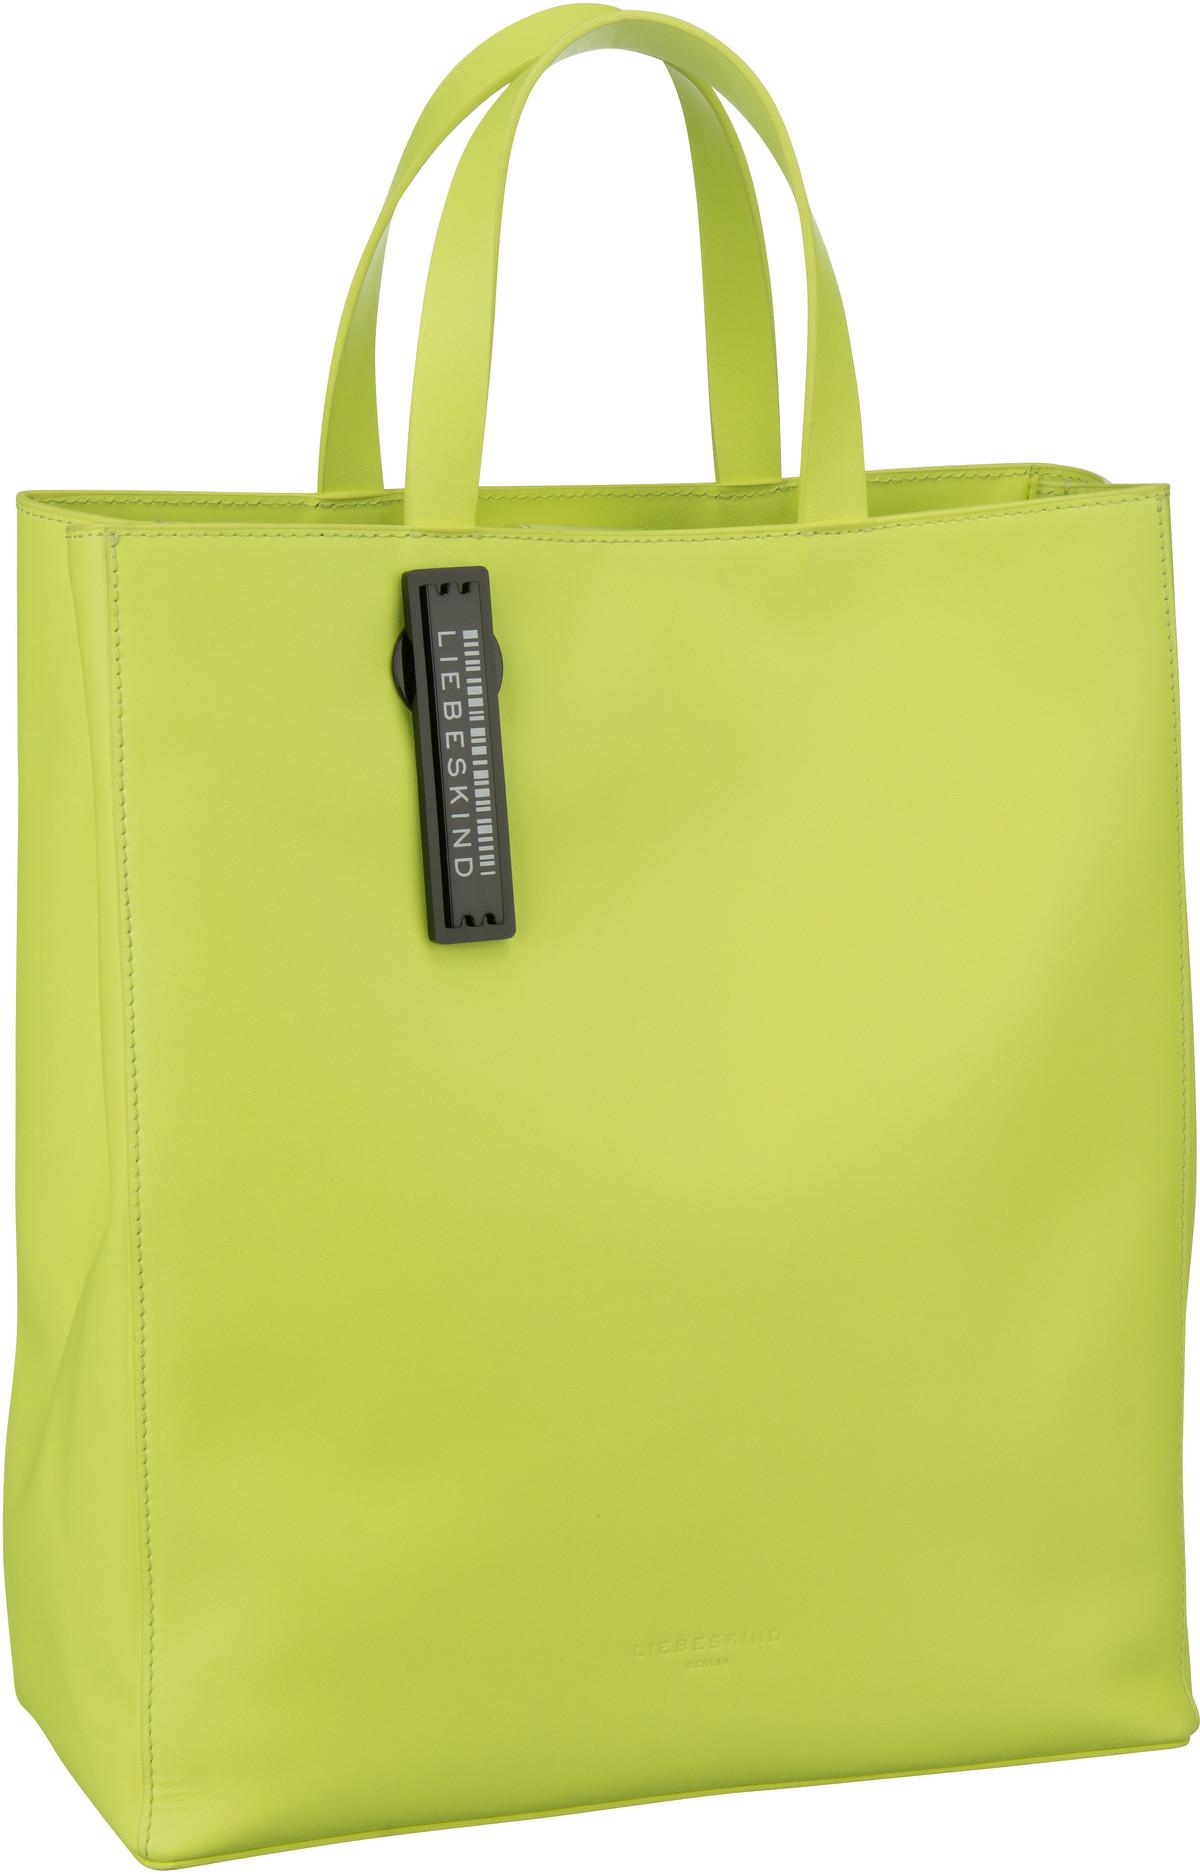 Berlin Handtasche Paper Bag Tote M Neon Yellow